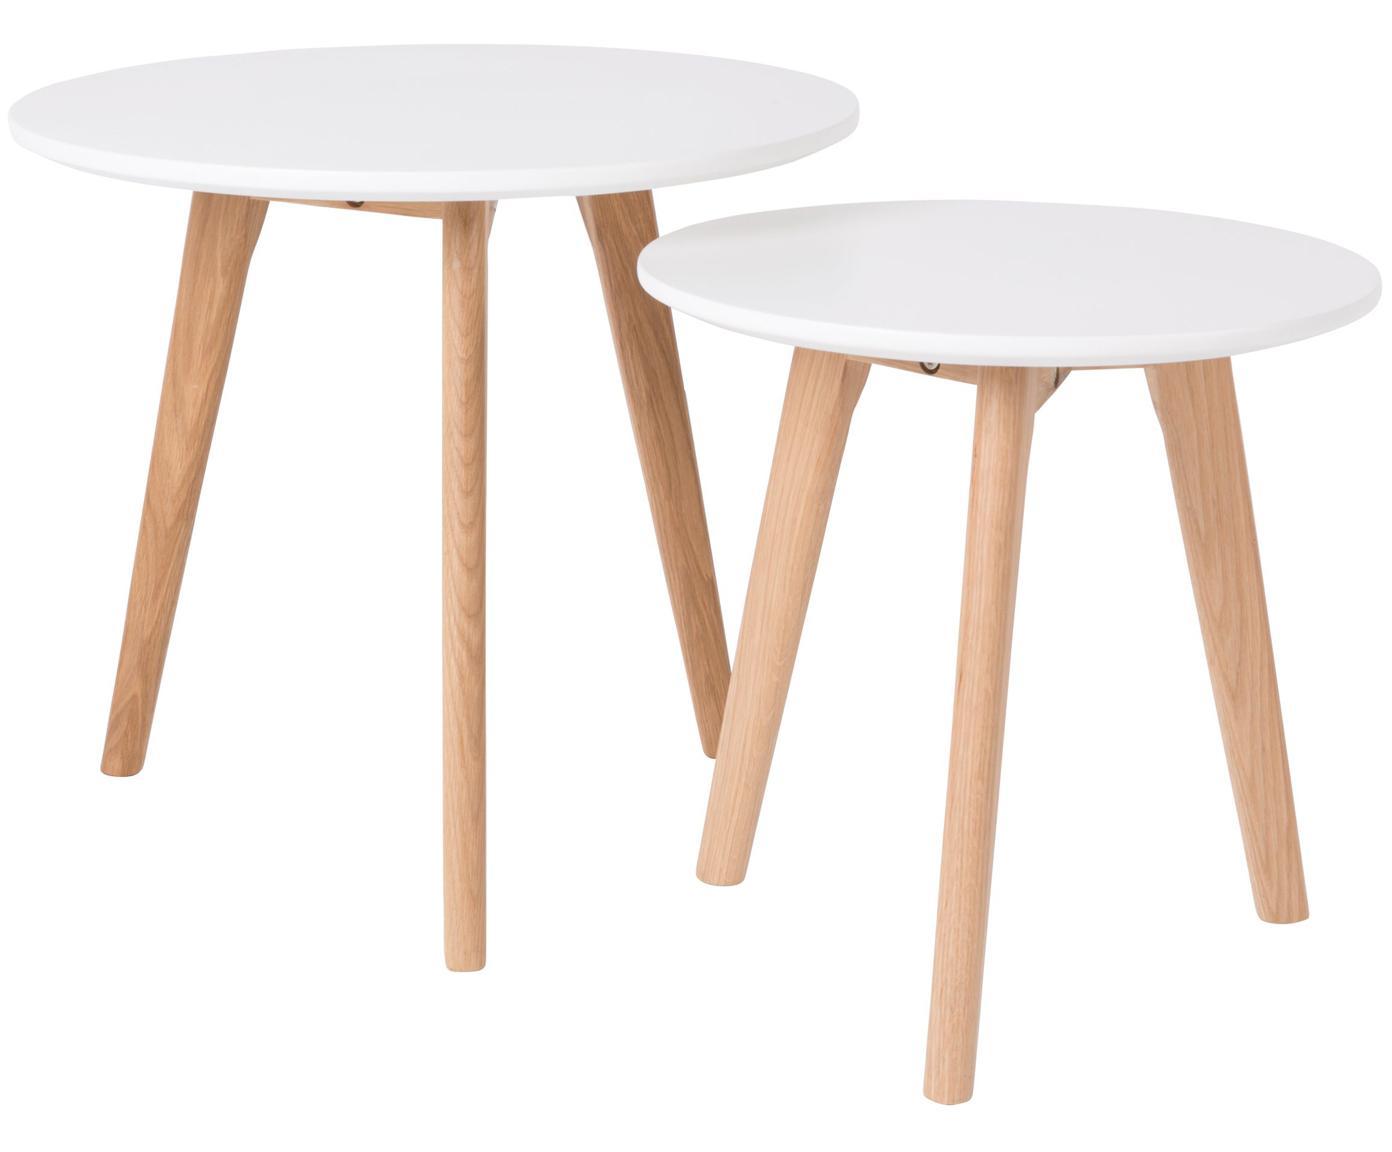 Komplet stolików pomocniczych Bodine, 2 elem., Blat: Płyta pilśniowa średniej , Biały, Różne rozmiary